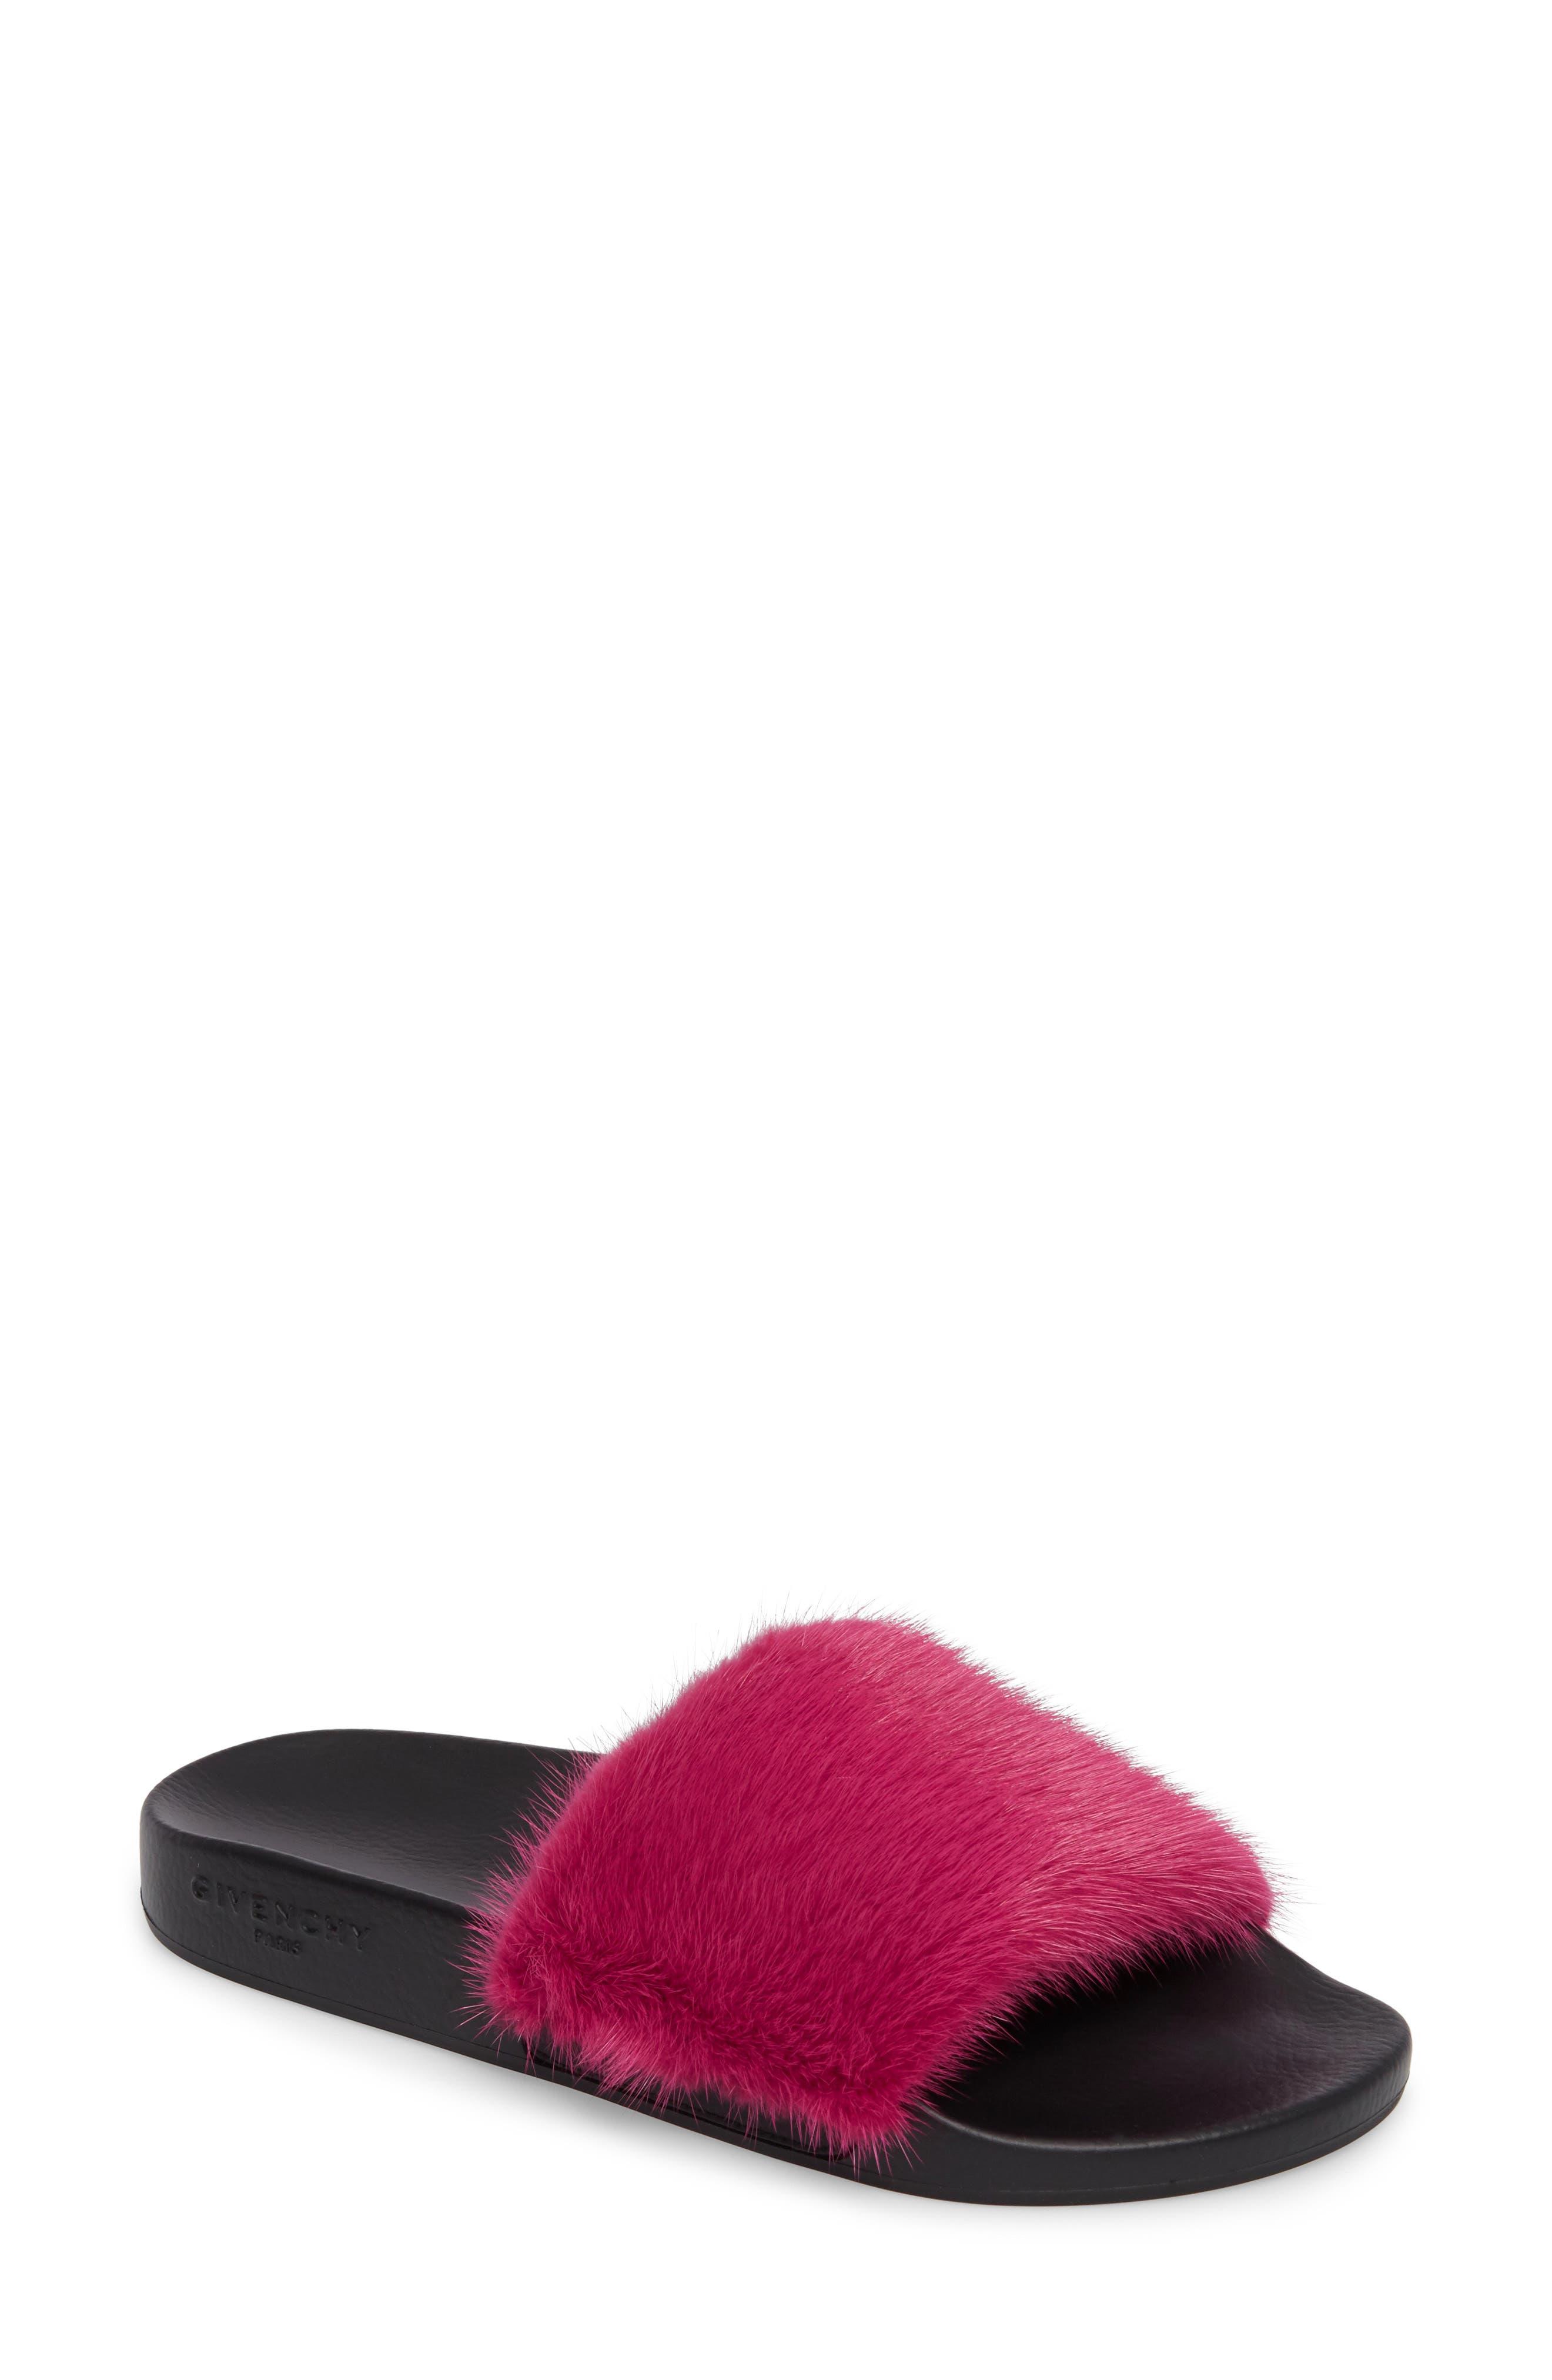 Alternate Image 1 Selected - Givenchy Genuine Mink Fur Slide Sandal (Women)